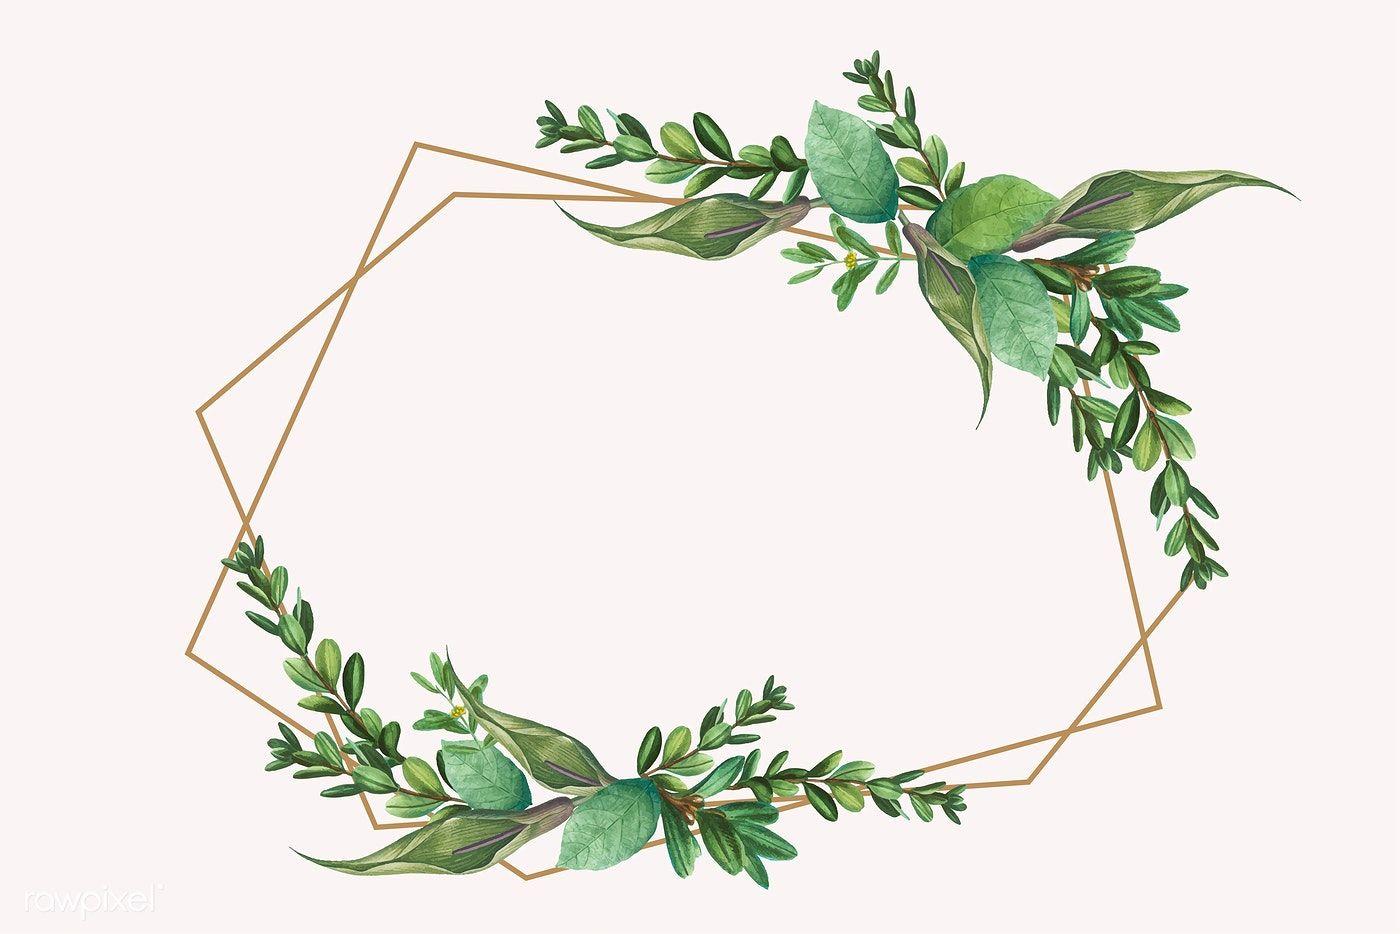 Download Premium Vector Of Tropical Botanical Frame Design Vector 584883 Pernikahan Bunga Kartu Pernikahan Seni Dinding Buatan Sendiri